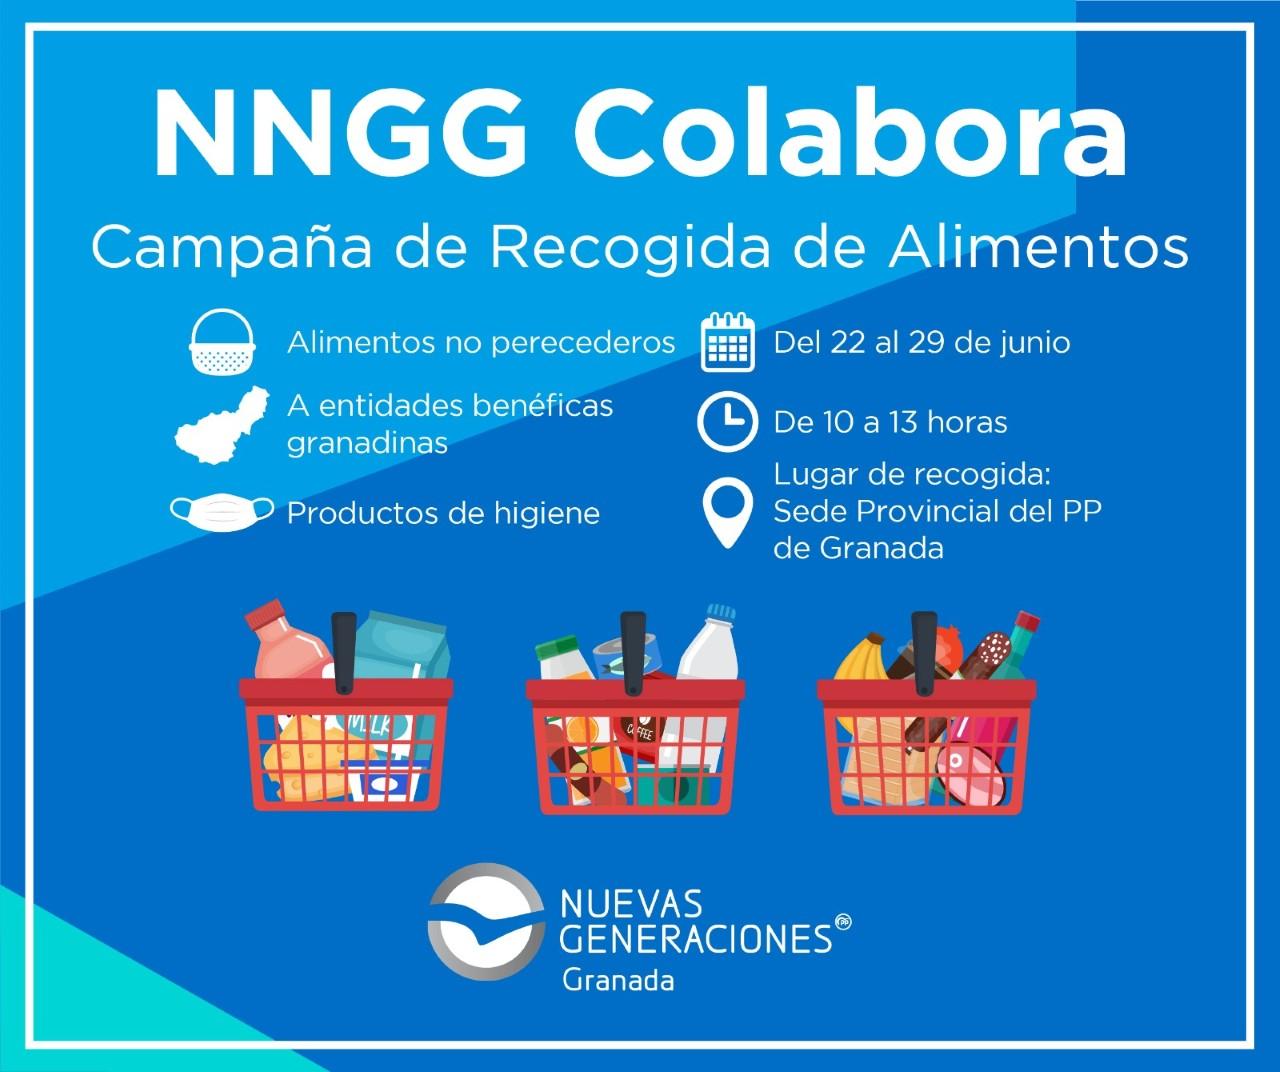 NNGG Granada se suma a la campaña de recogida de alimentos para familias necesitadas a causa de la Covid19